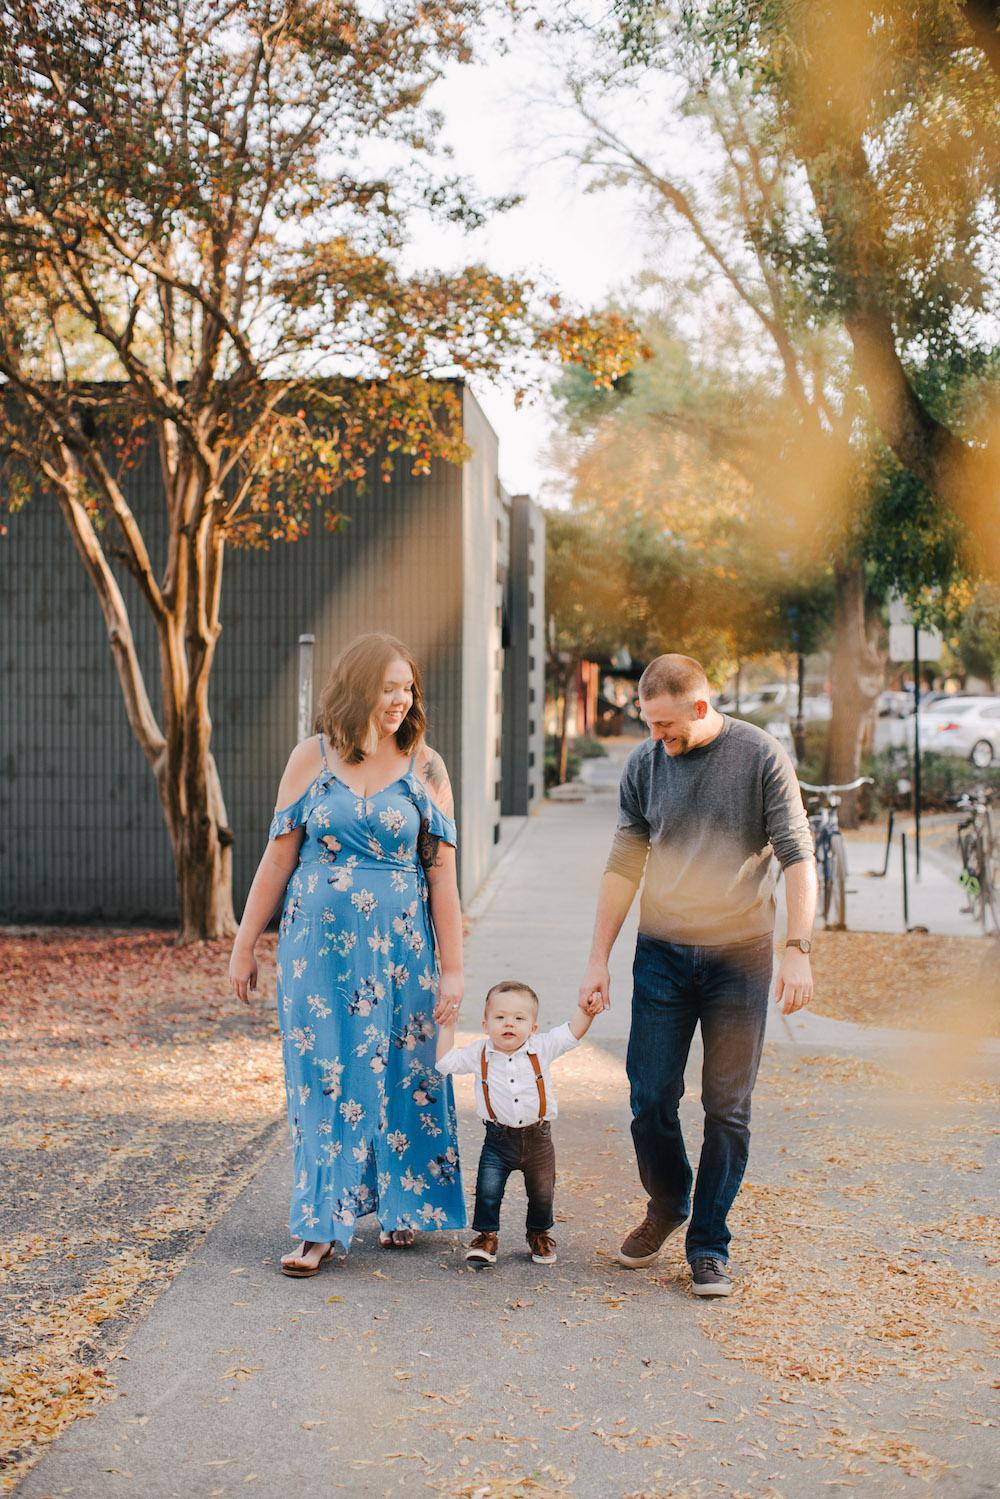 Towns Family-4.jpg